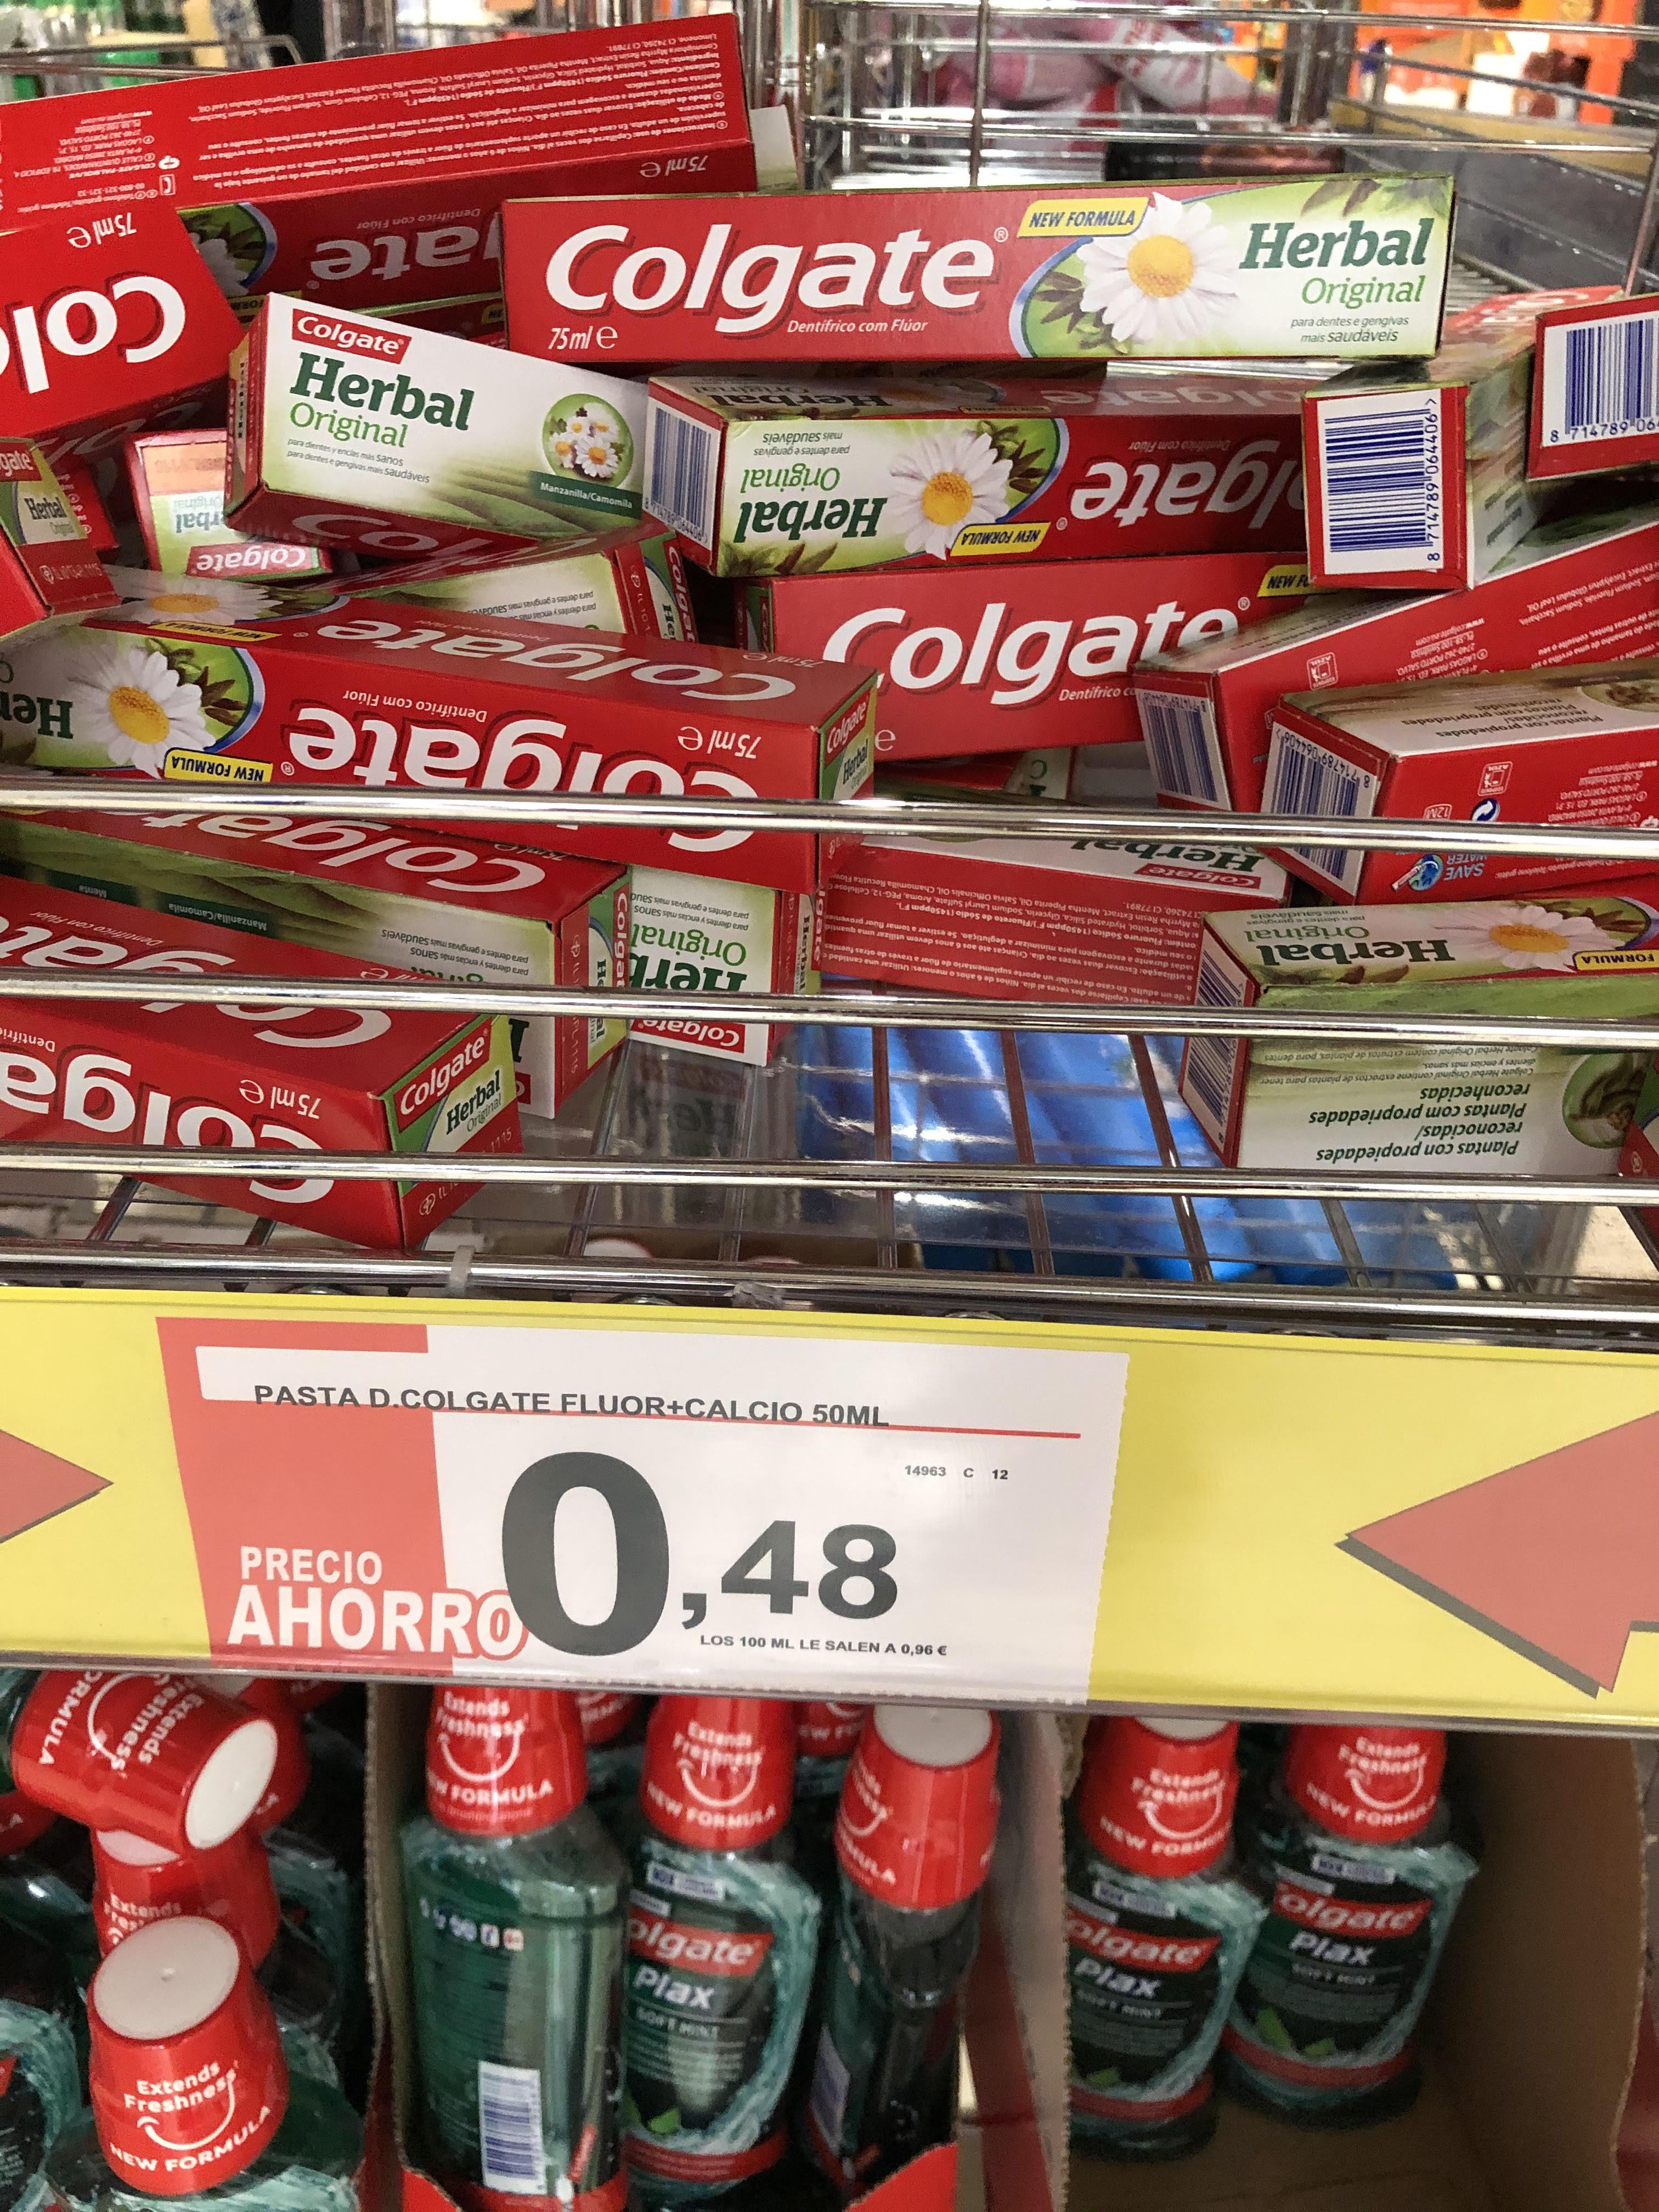 Pasta de dientes COLGATE Herbal Original, para dientes y encías más sanas 50 ml [Supermercados Spar]